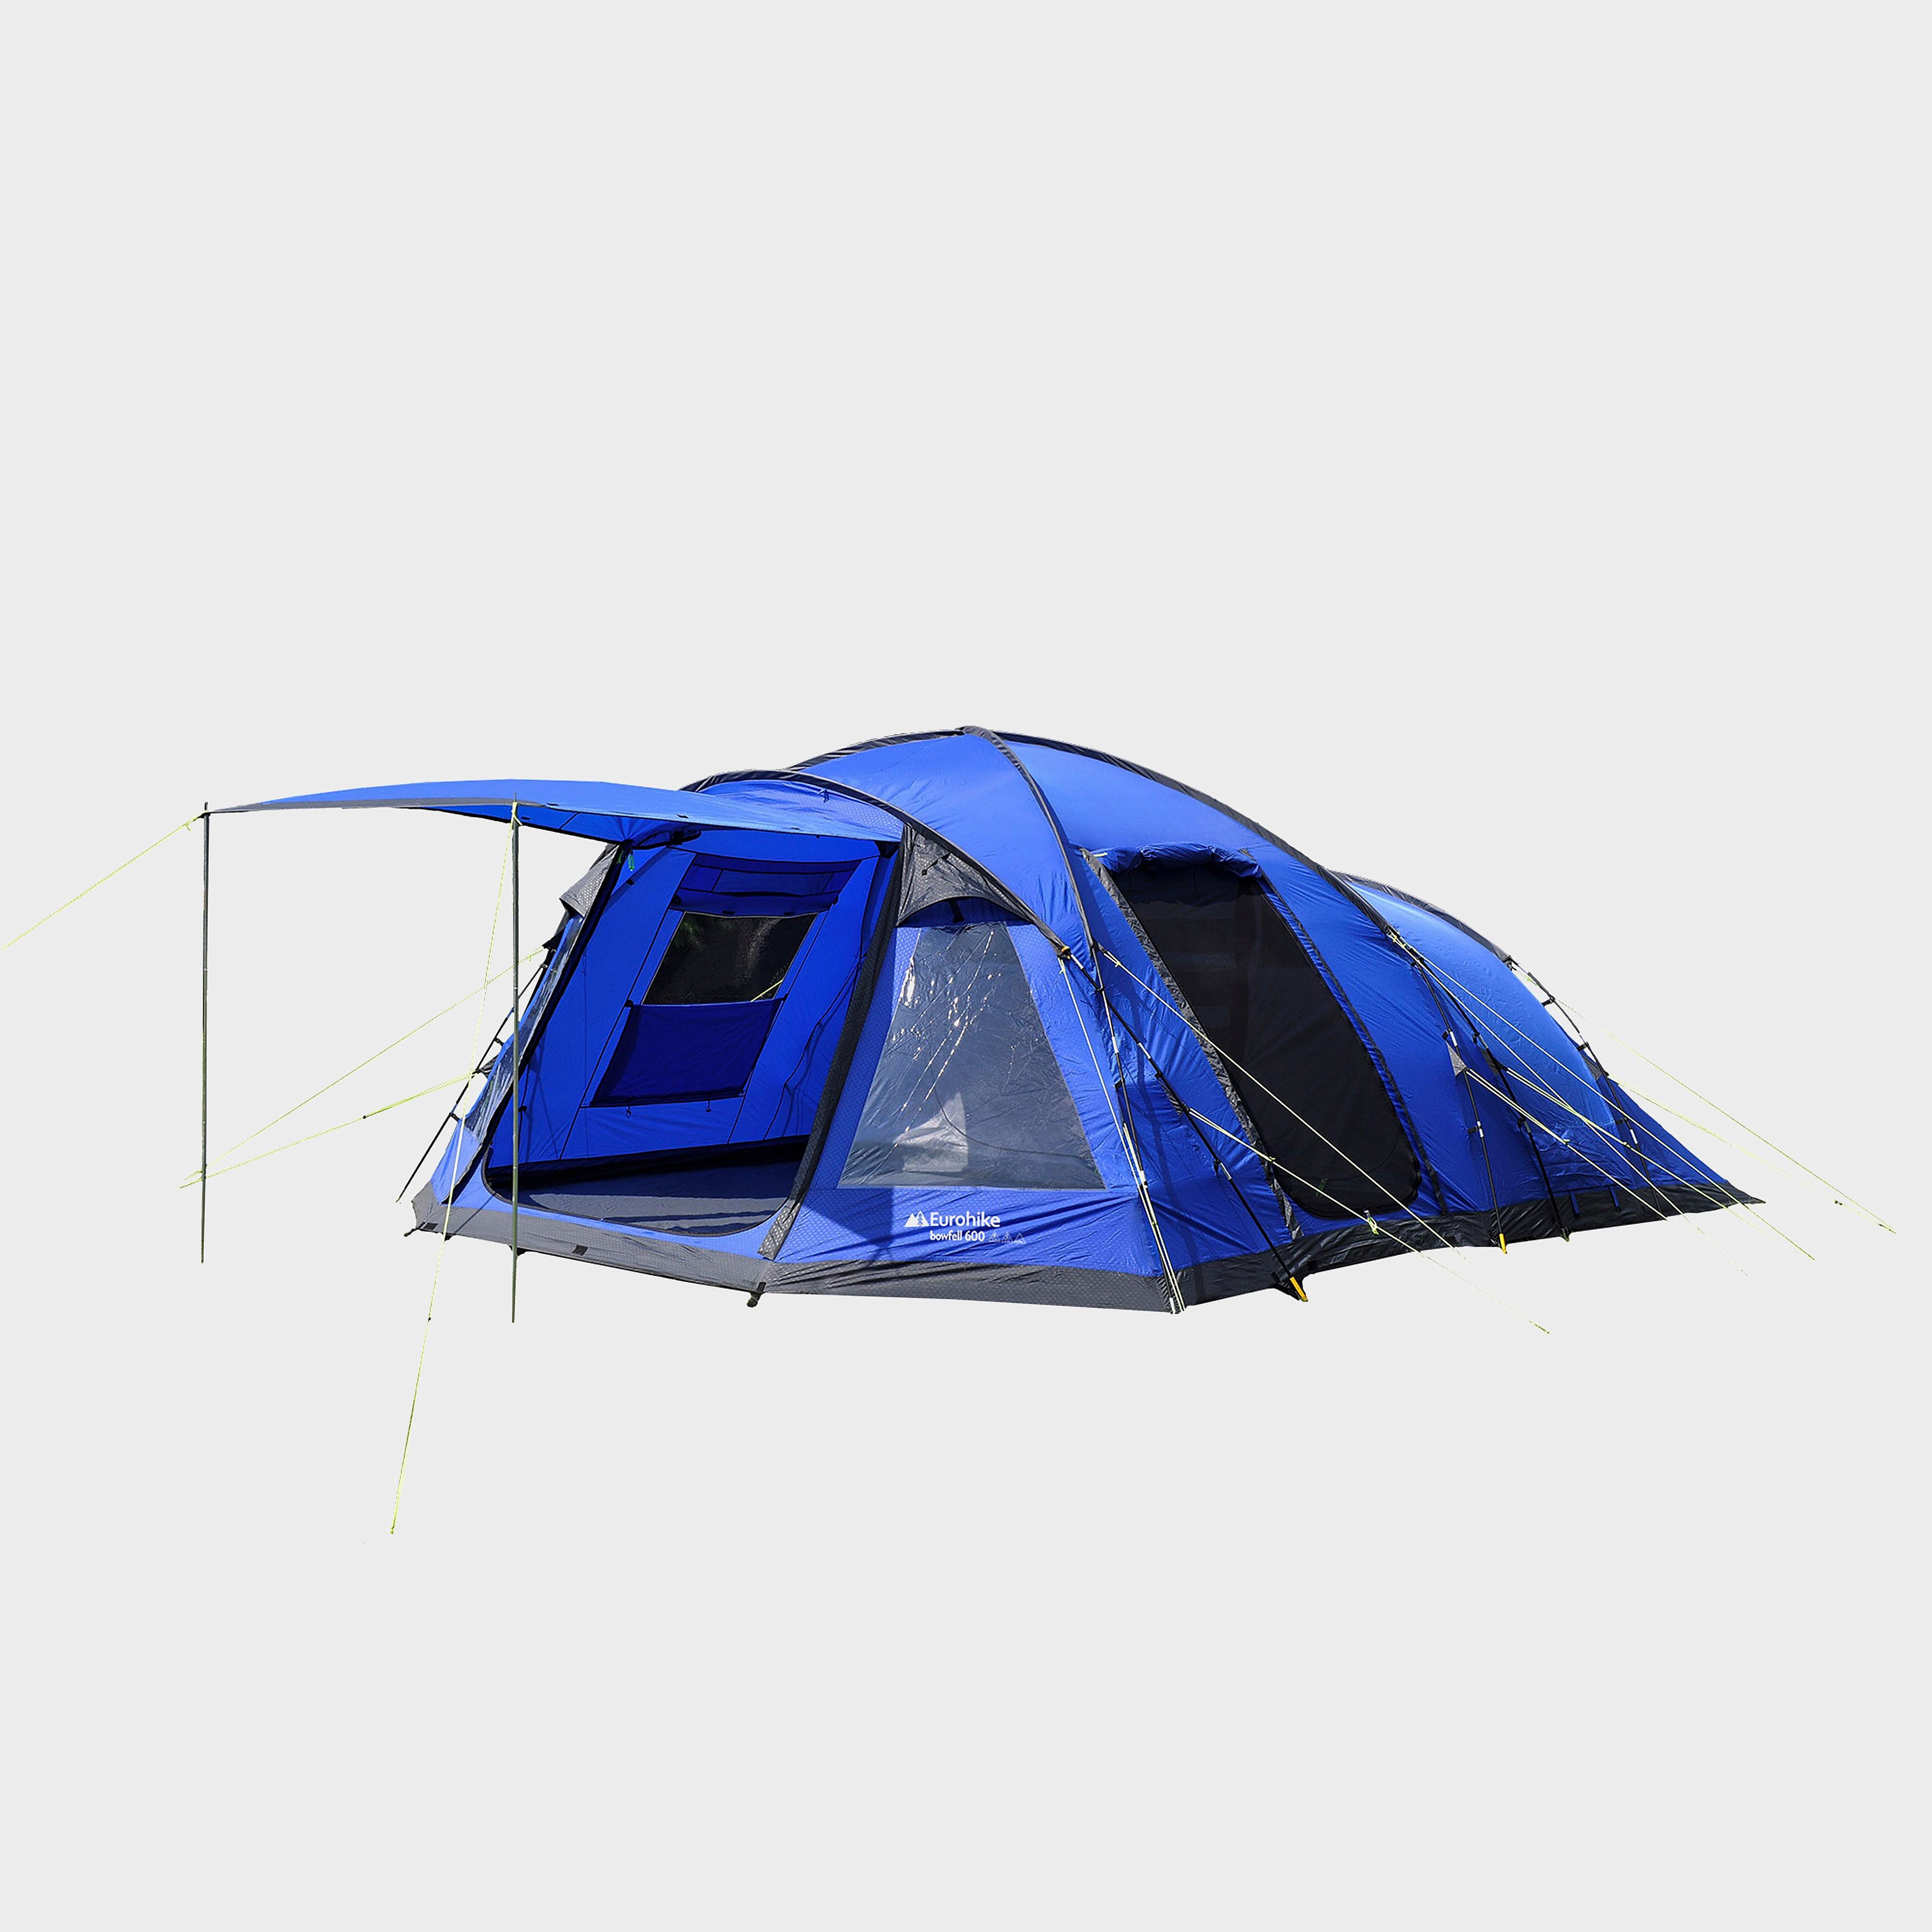 Eurohike Bowfell 600 6 Man Tent